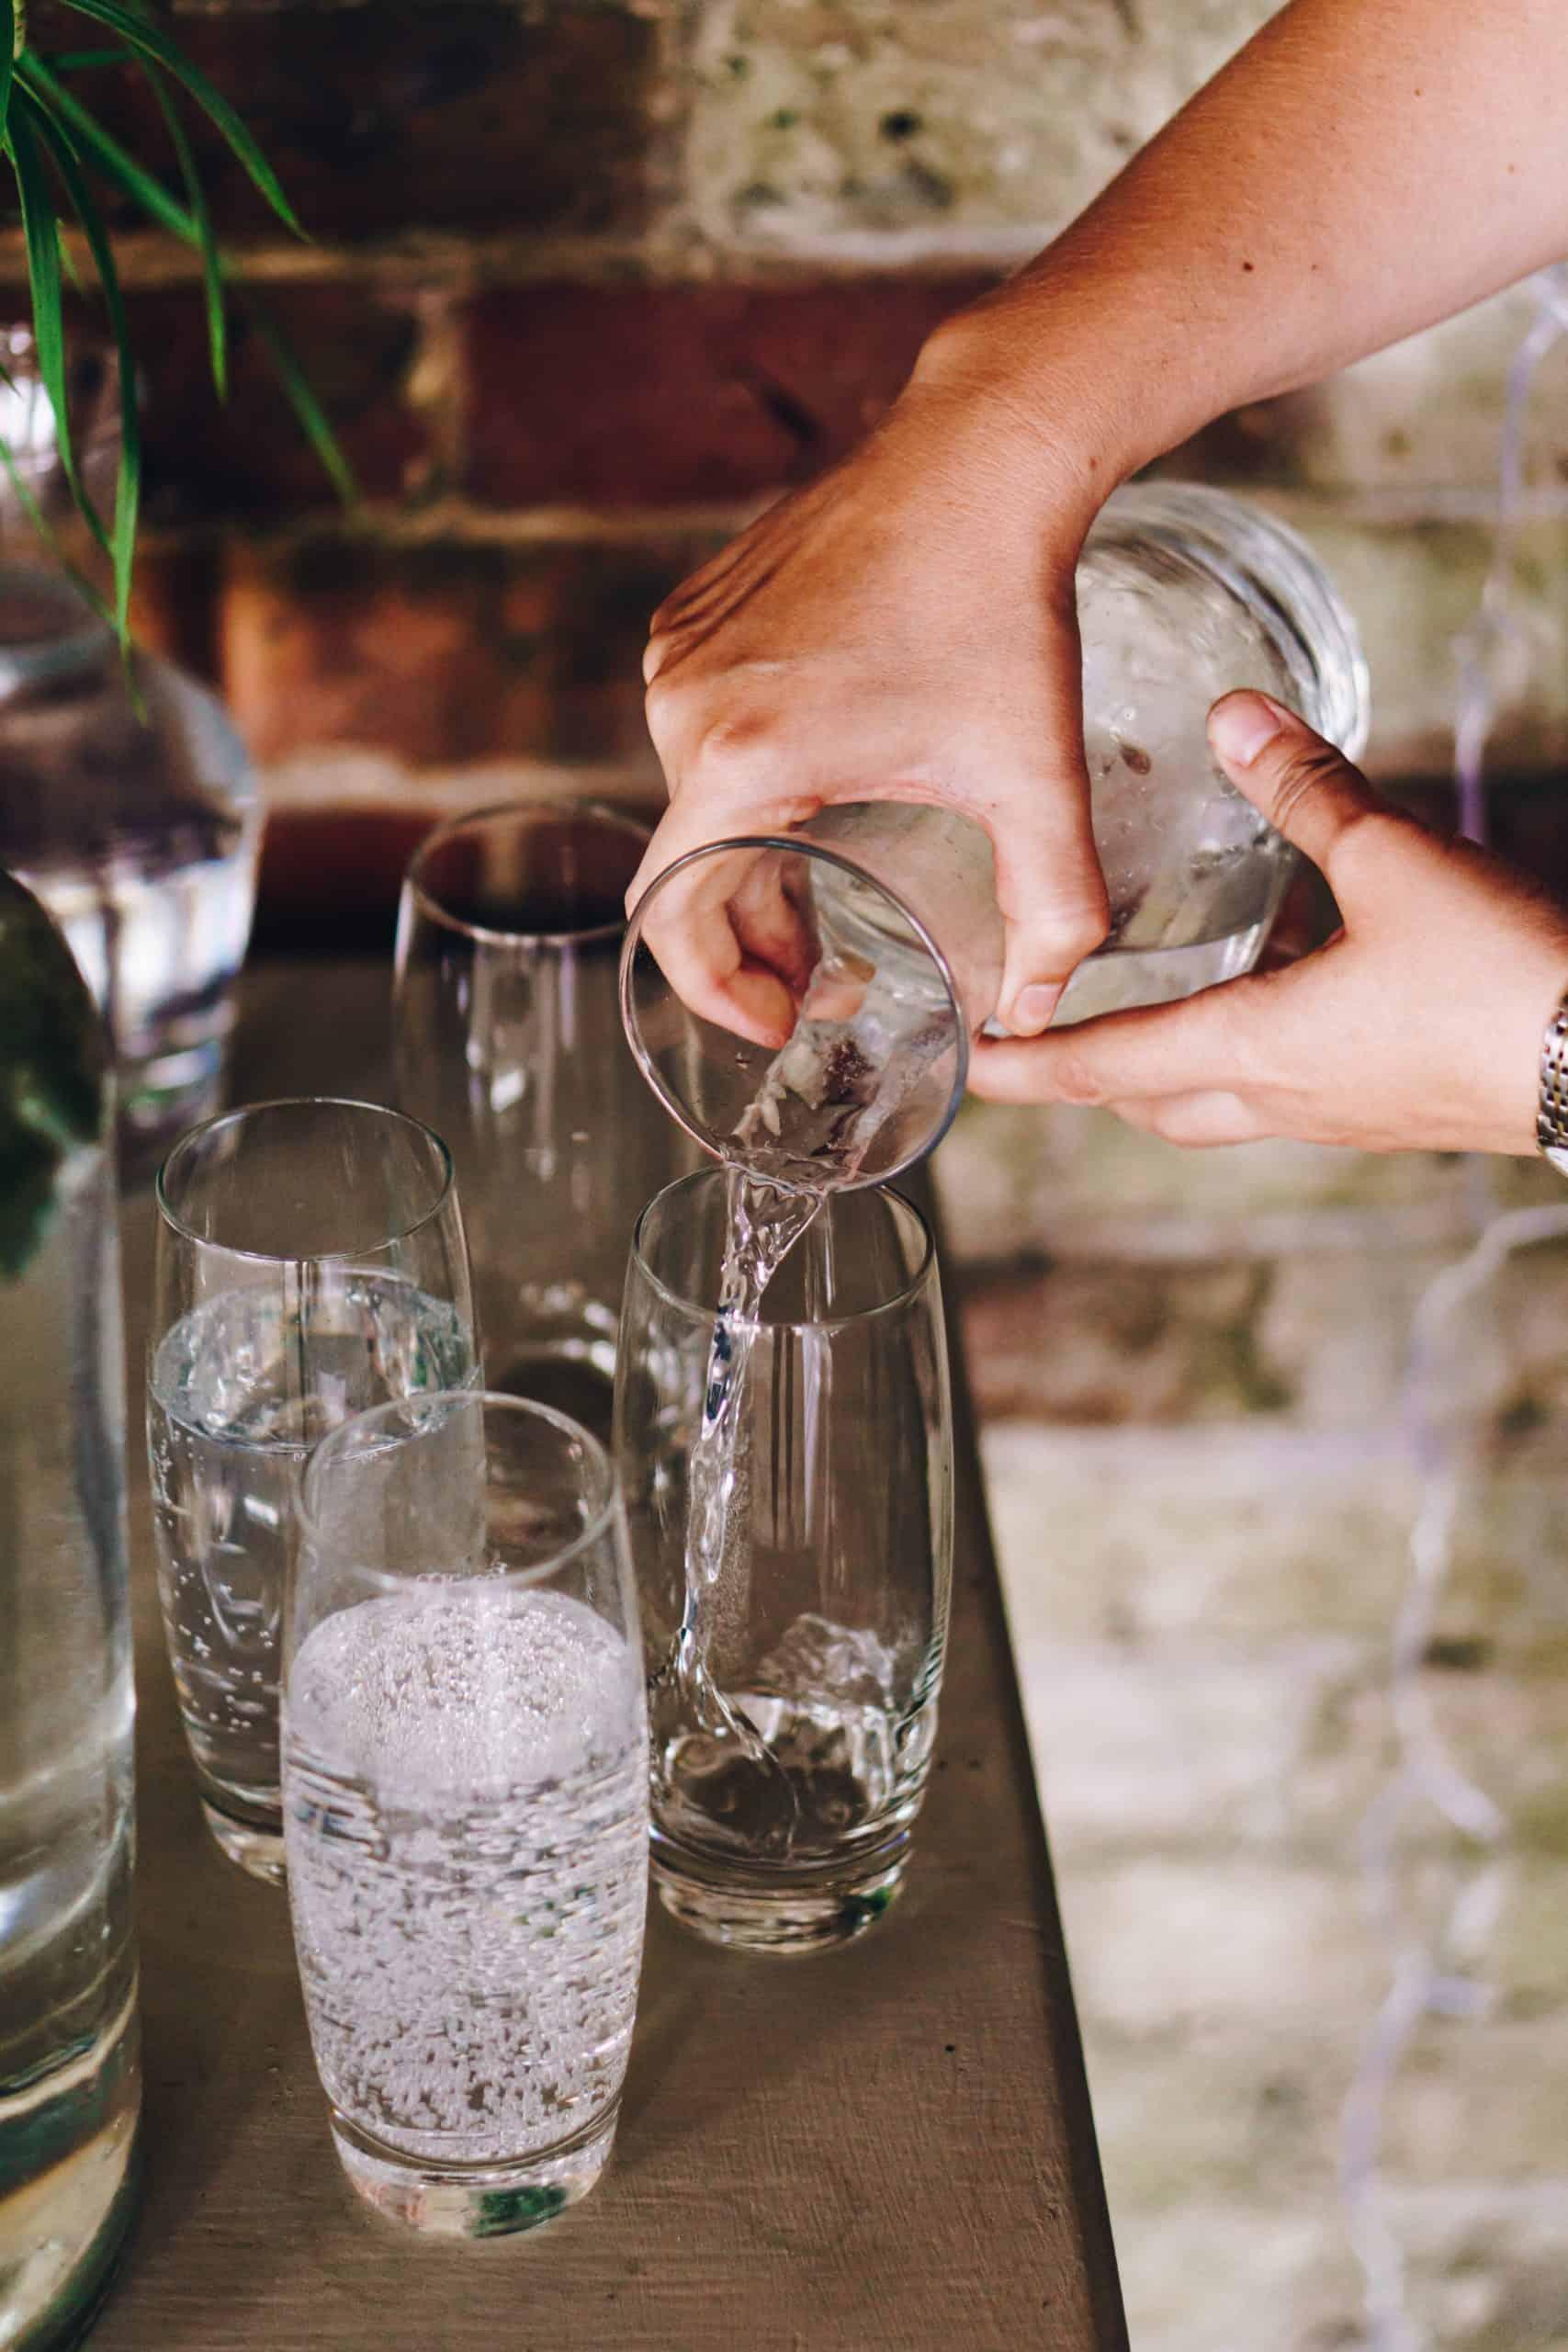 Carafe d'eau que l'on verse dans un verre